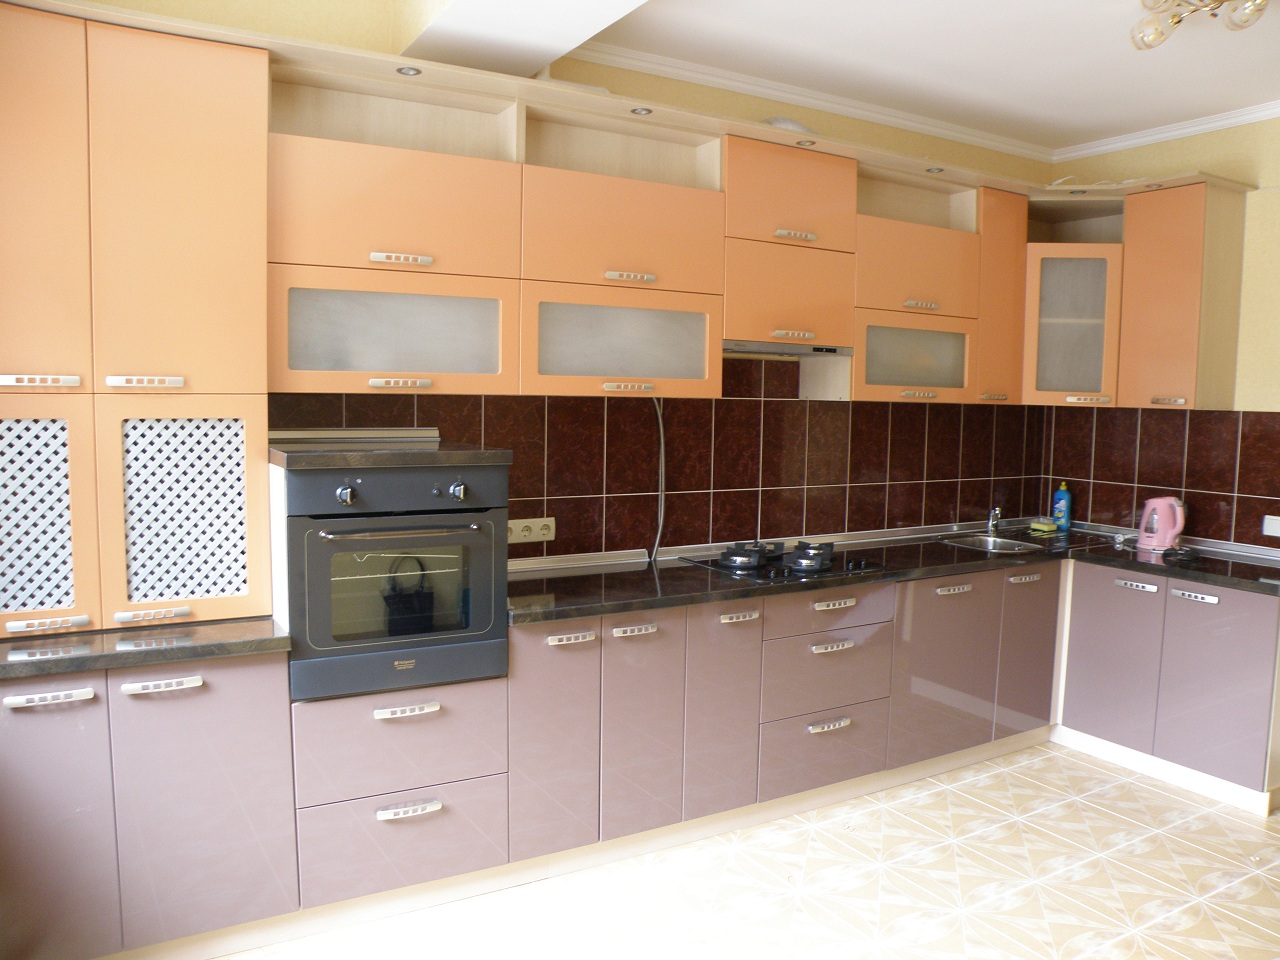 Кухня с гладкими (без фрезеровок) матовыми фасадами.